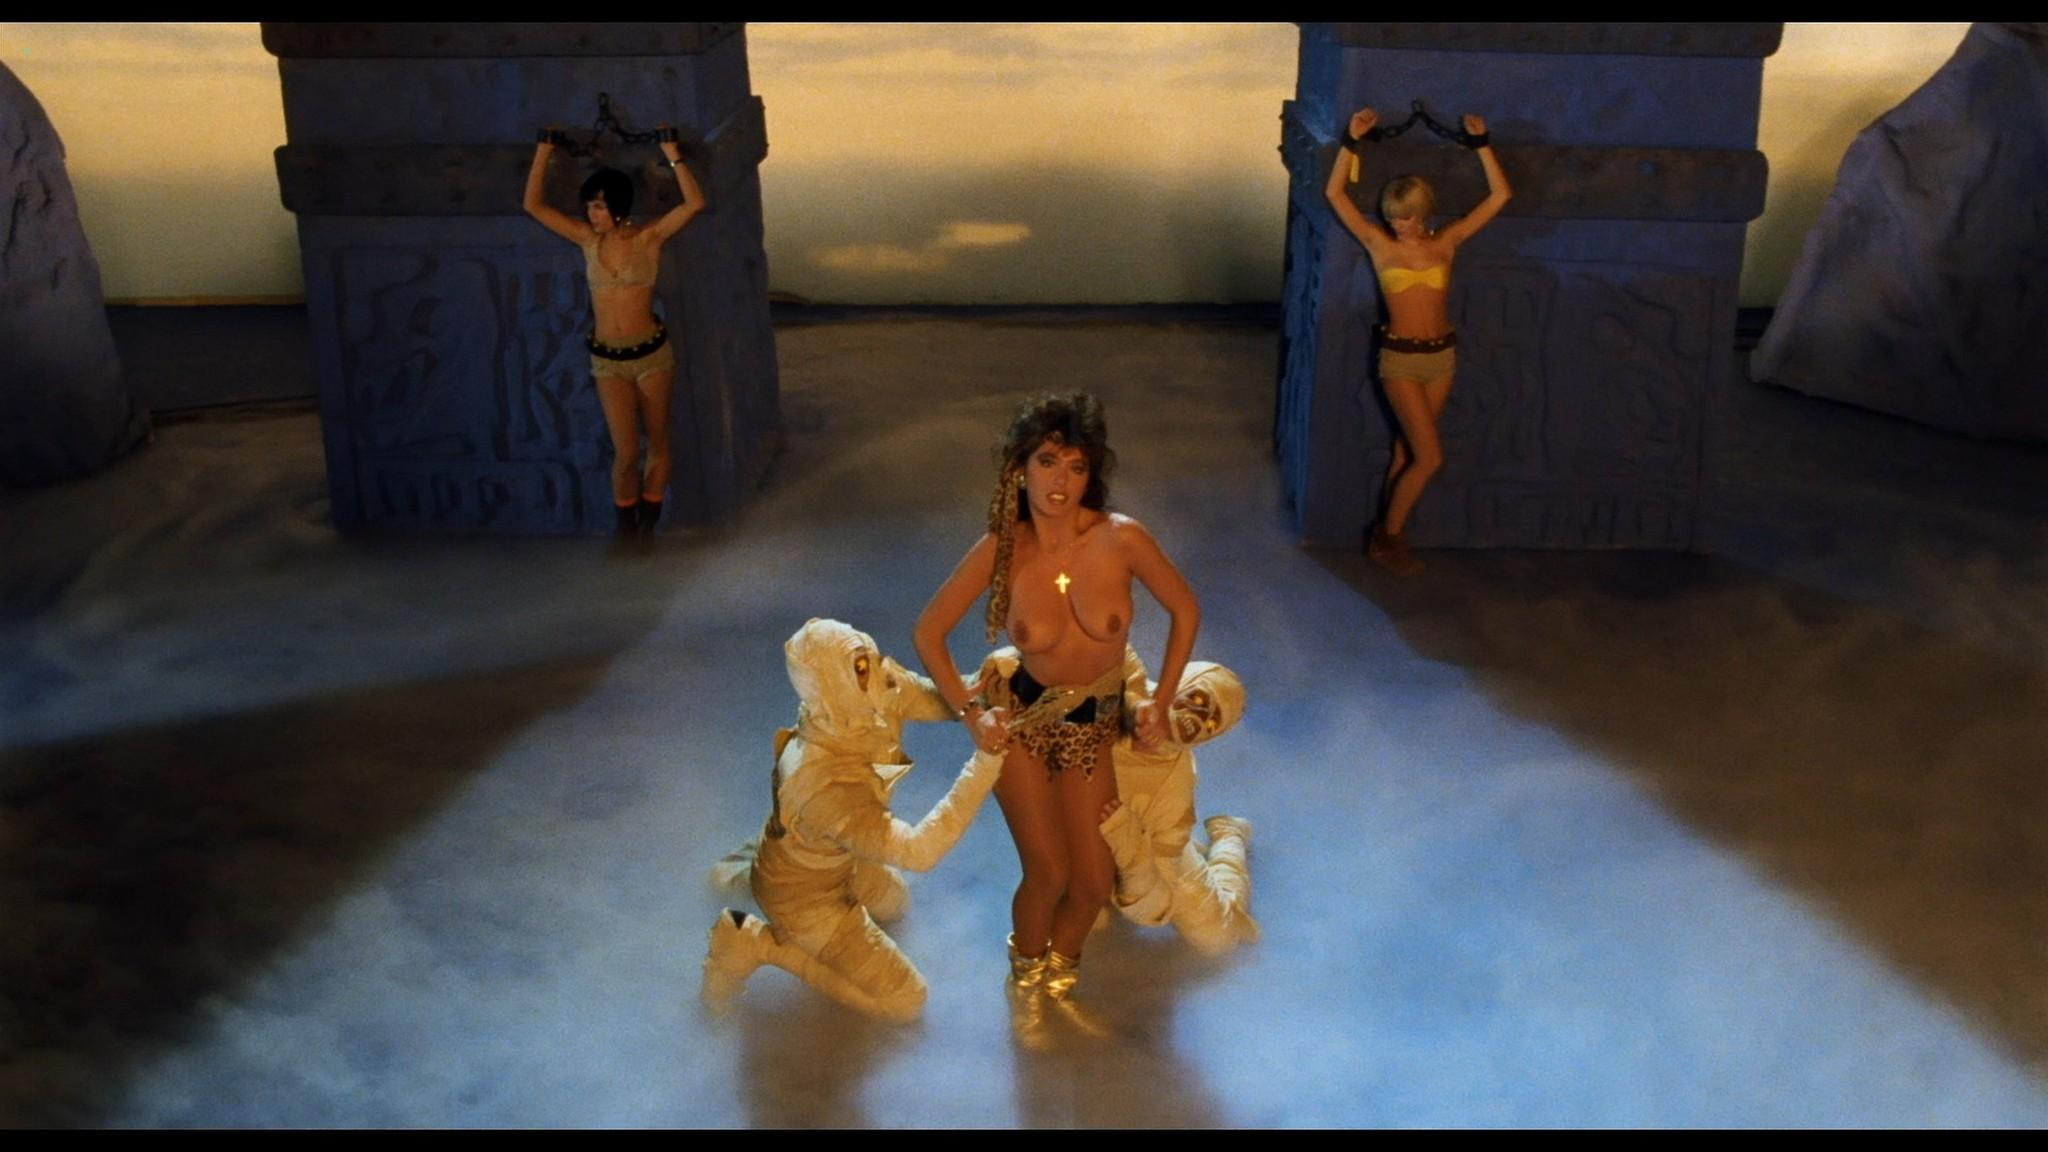 Serena Grandi nude sex Sabrina Salerno Trine Michelsen all nude Delirium 1987 HD 1080p BluRay REMUX 009